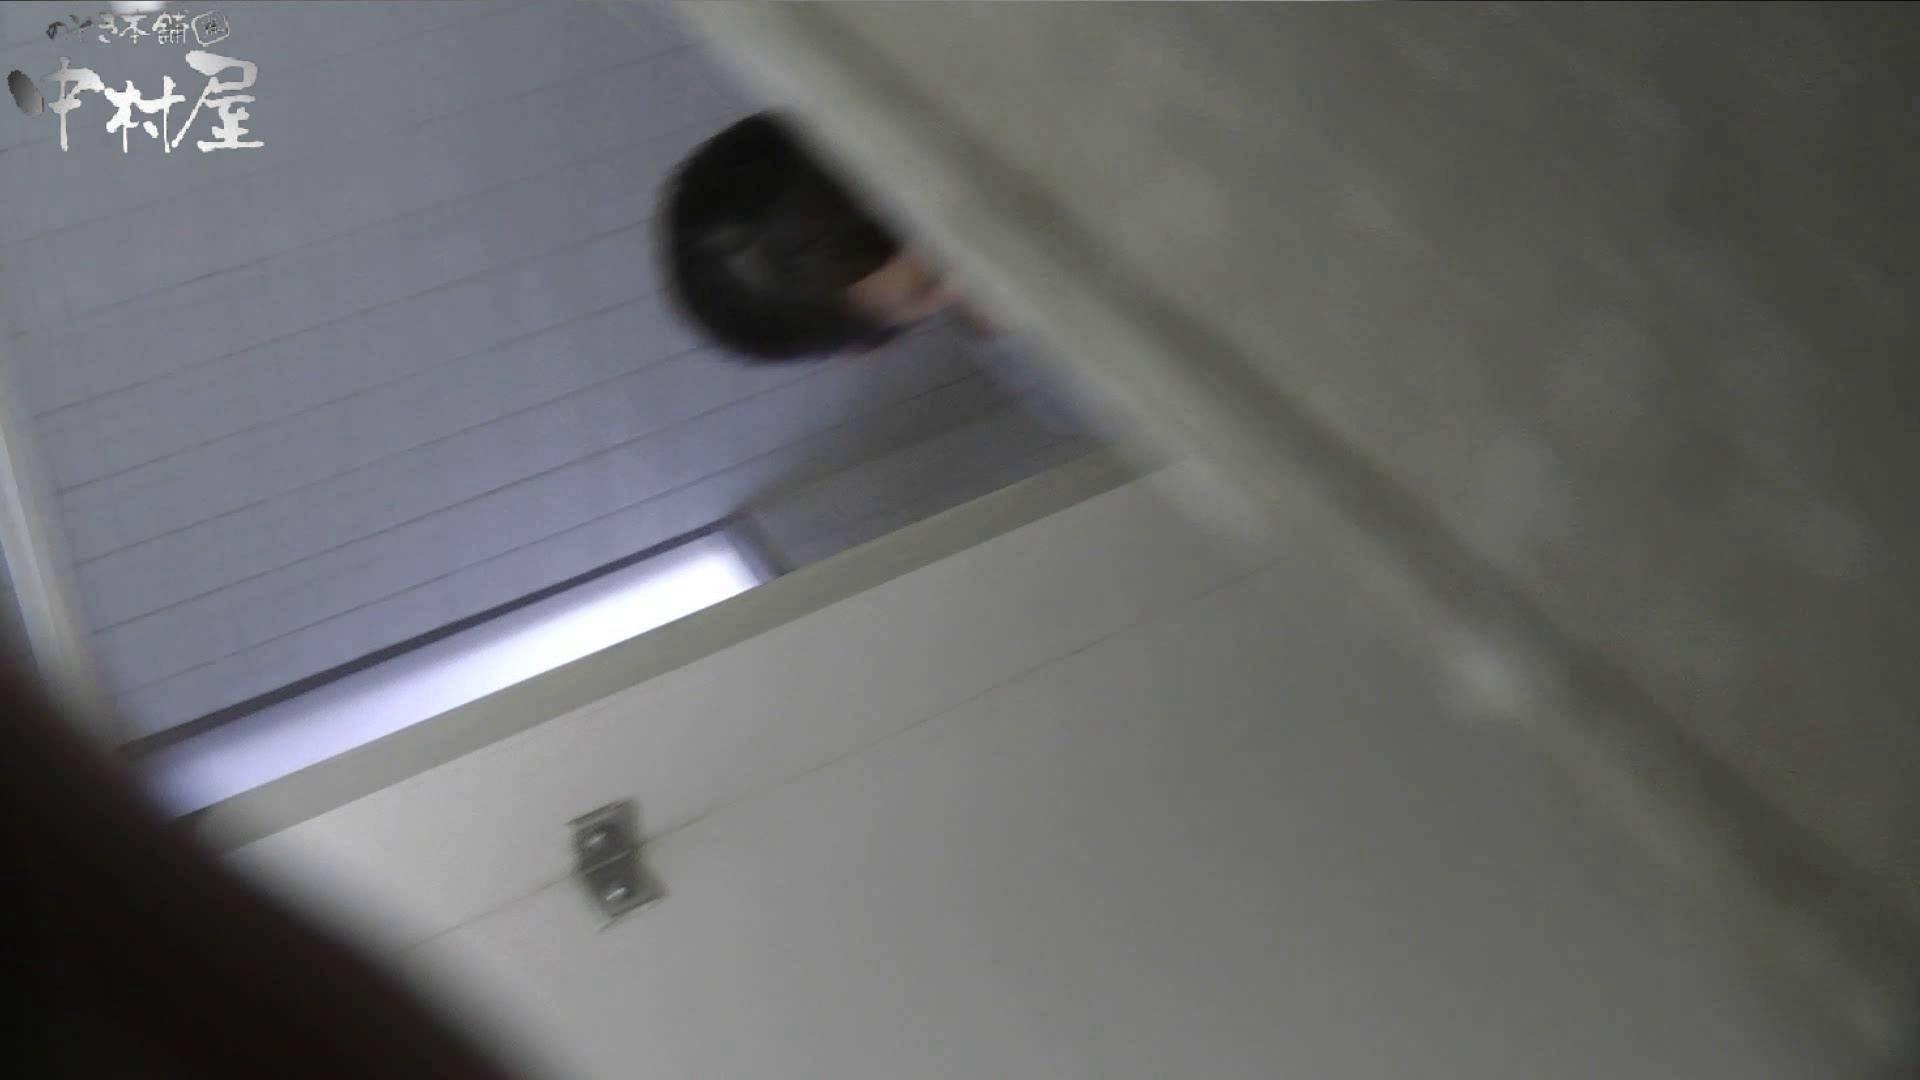 vol.03 命がけ潜伏洗面所! おねぃさんの日常 0  85pic 16